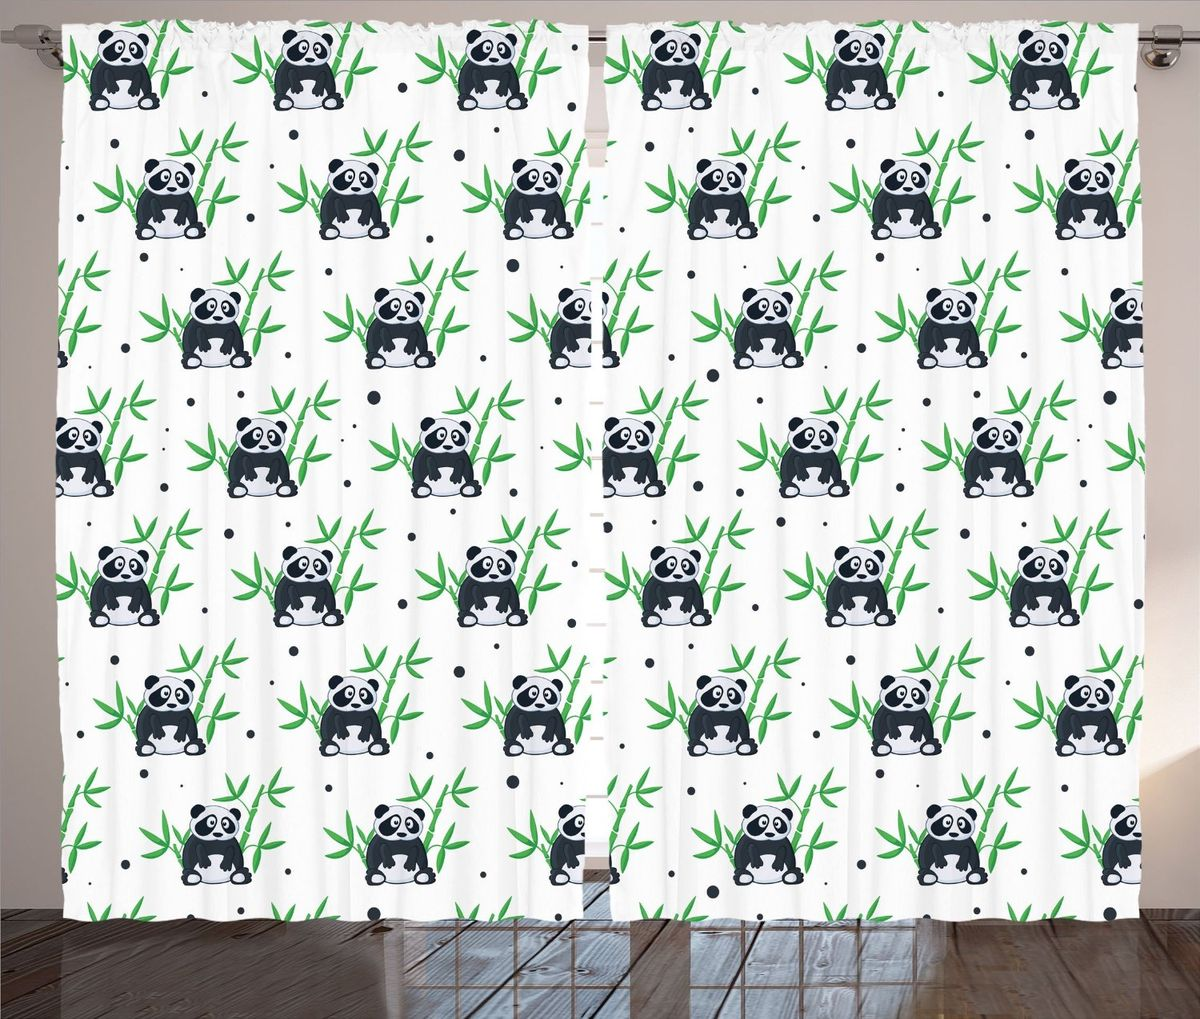 Комплект фотоштор Magic Lady Панды и бамбук, на ленте, высота 265 смES-412Фотошторы Magic Lady Панды и бамбук, изготовленные из высококачественного сатена (полиэстер 100%), отлично дополнят любой интерьер. При изготовлении используются специальные гипоаллергенные чернила для прямой печати по ткани, безопасные для человека и животных. Крепление на карниз при помощи шторной ленты на крючки.В комплекте 2 шторы, 50 крючков. Ширина одного полотна: 145 см.Высота штор: 265 см.Изображение на мониторе может немного отличаться от реального.